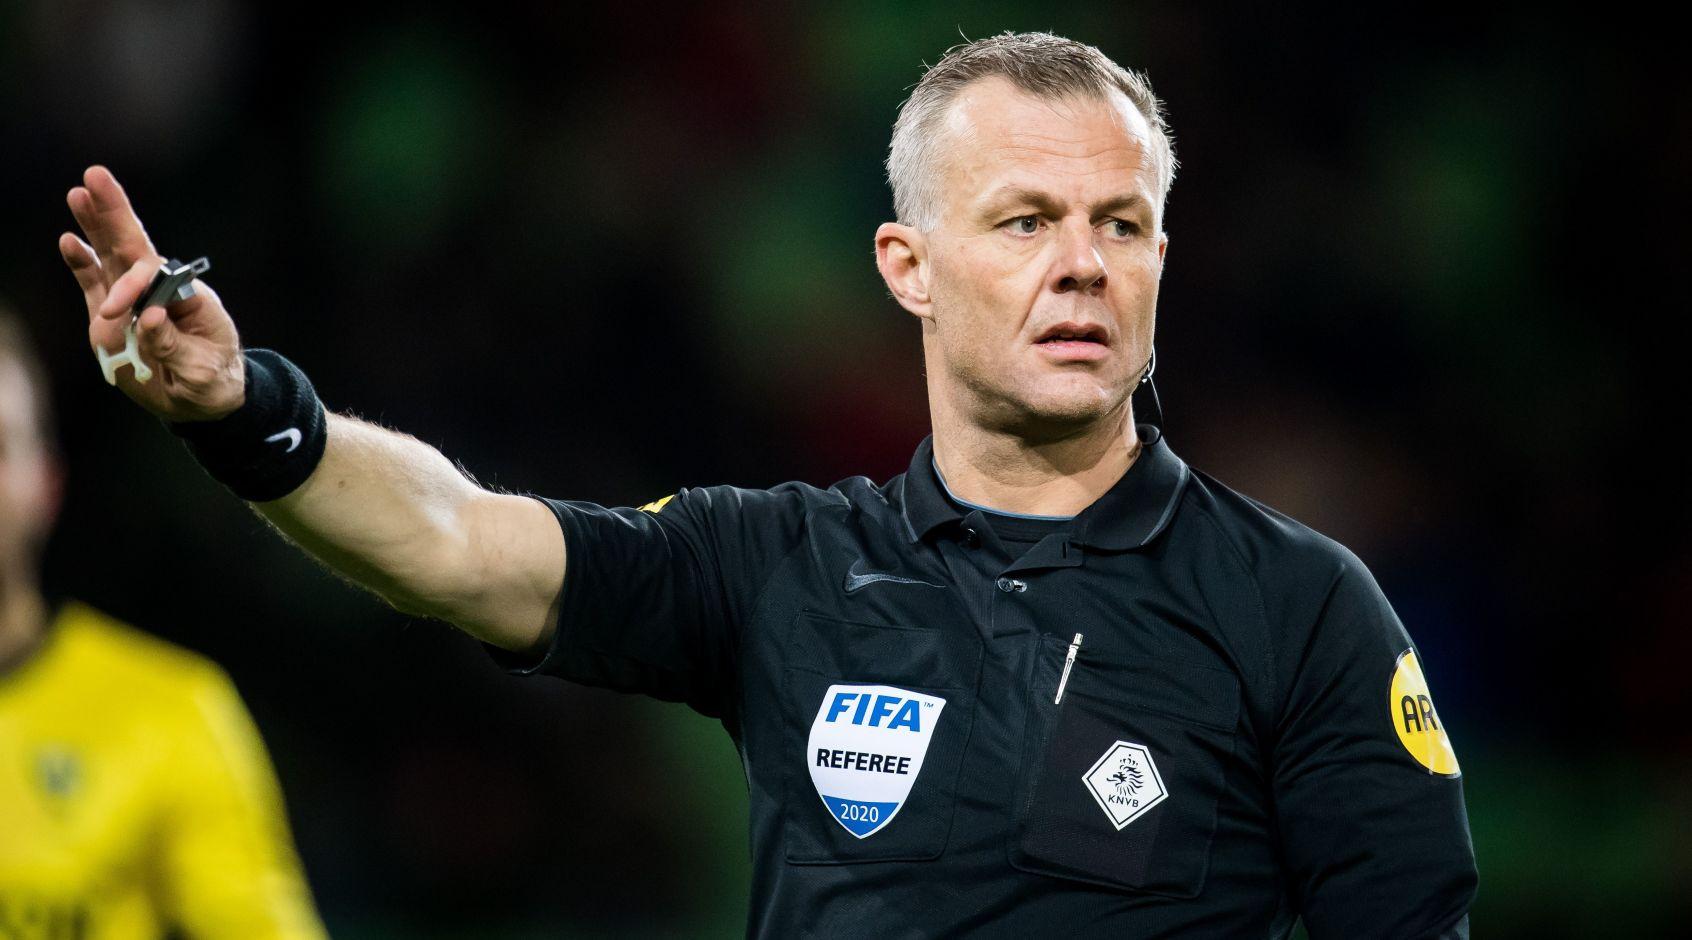 Бьорн Кейперс заявил о намерении завершить карьеру арбитра после матча Суперкубка Нидерландов